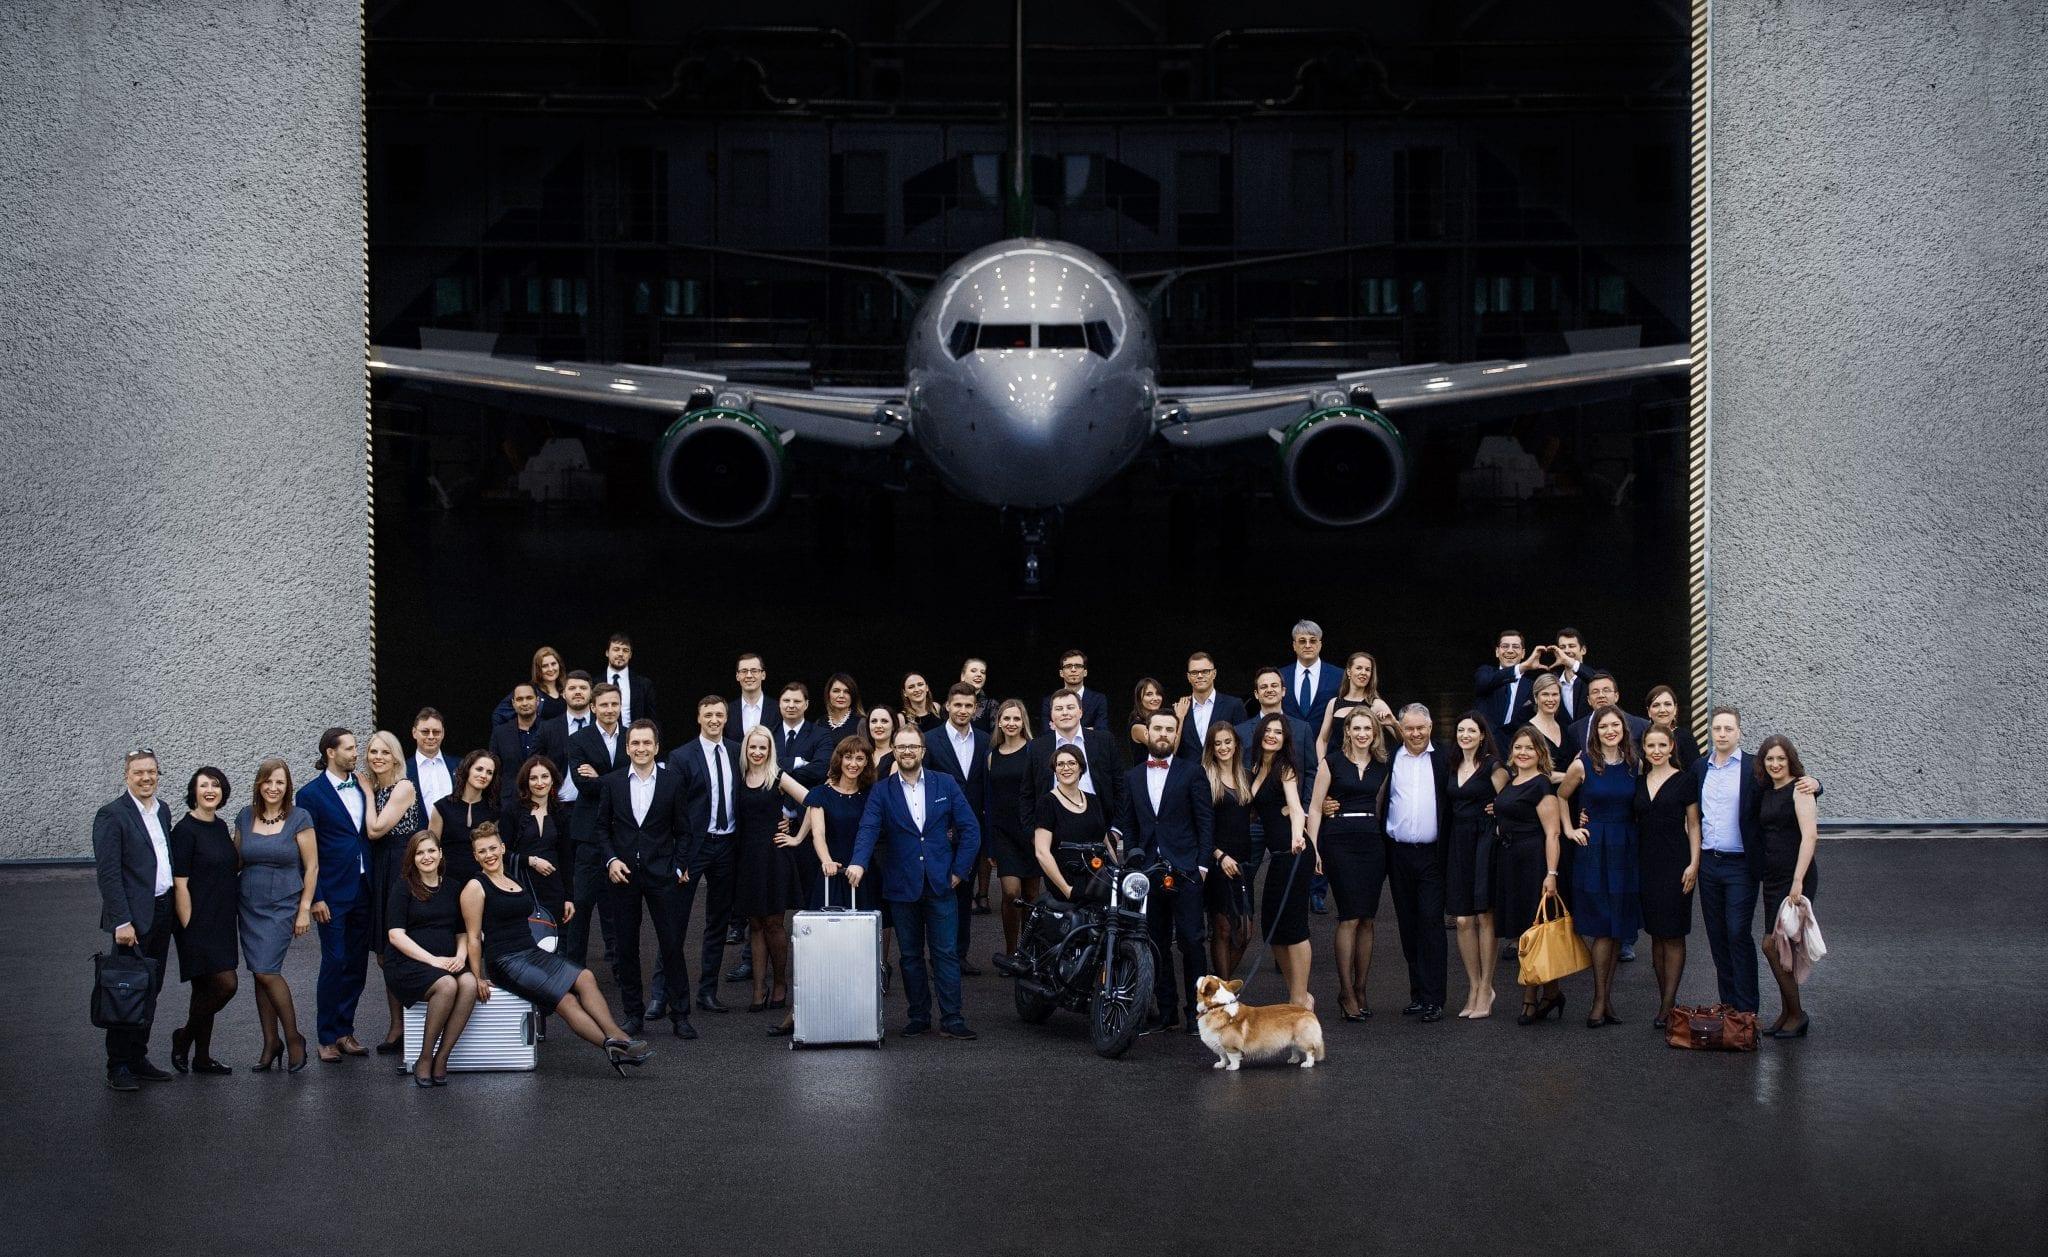 Bel Canto Choir Vilnius and Svanholm Singers  Together - Bel